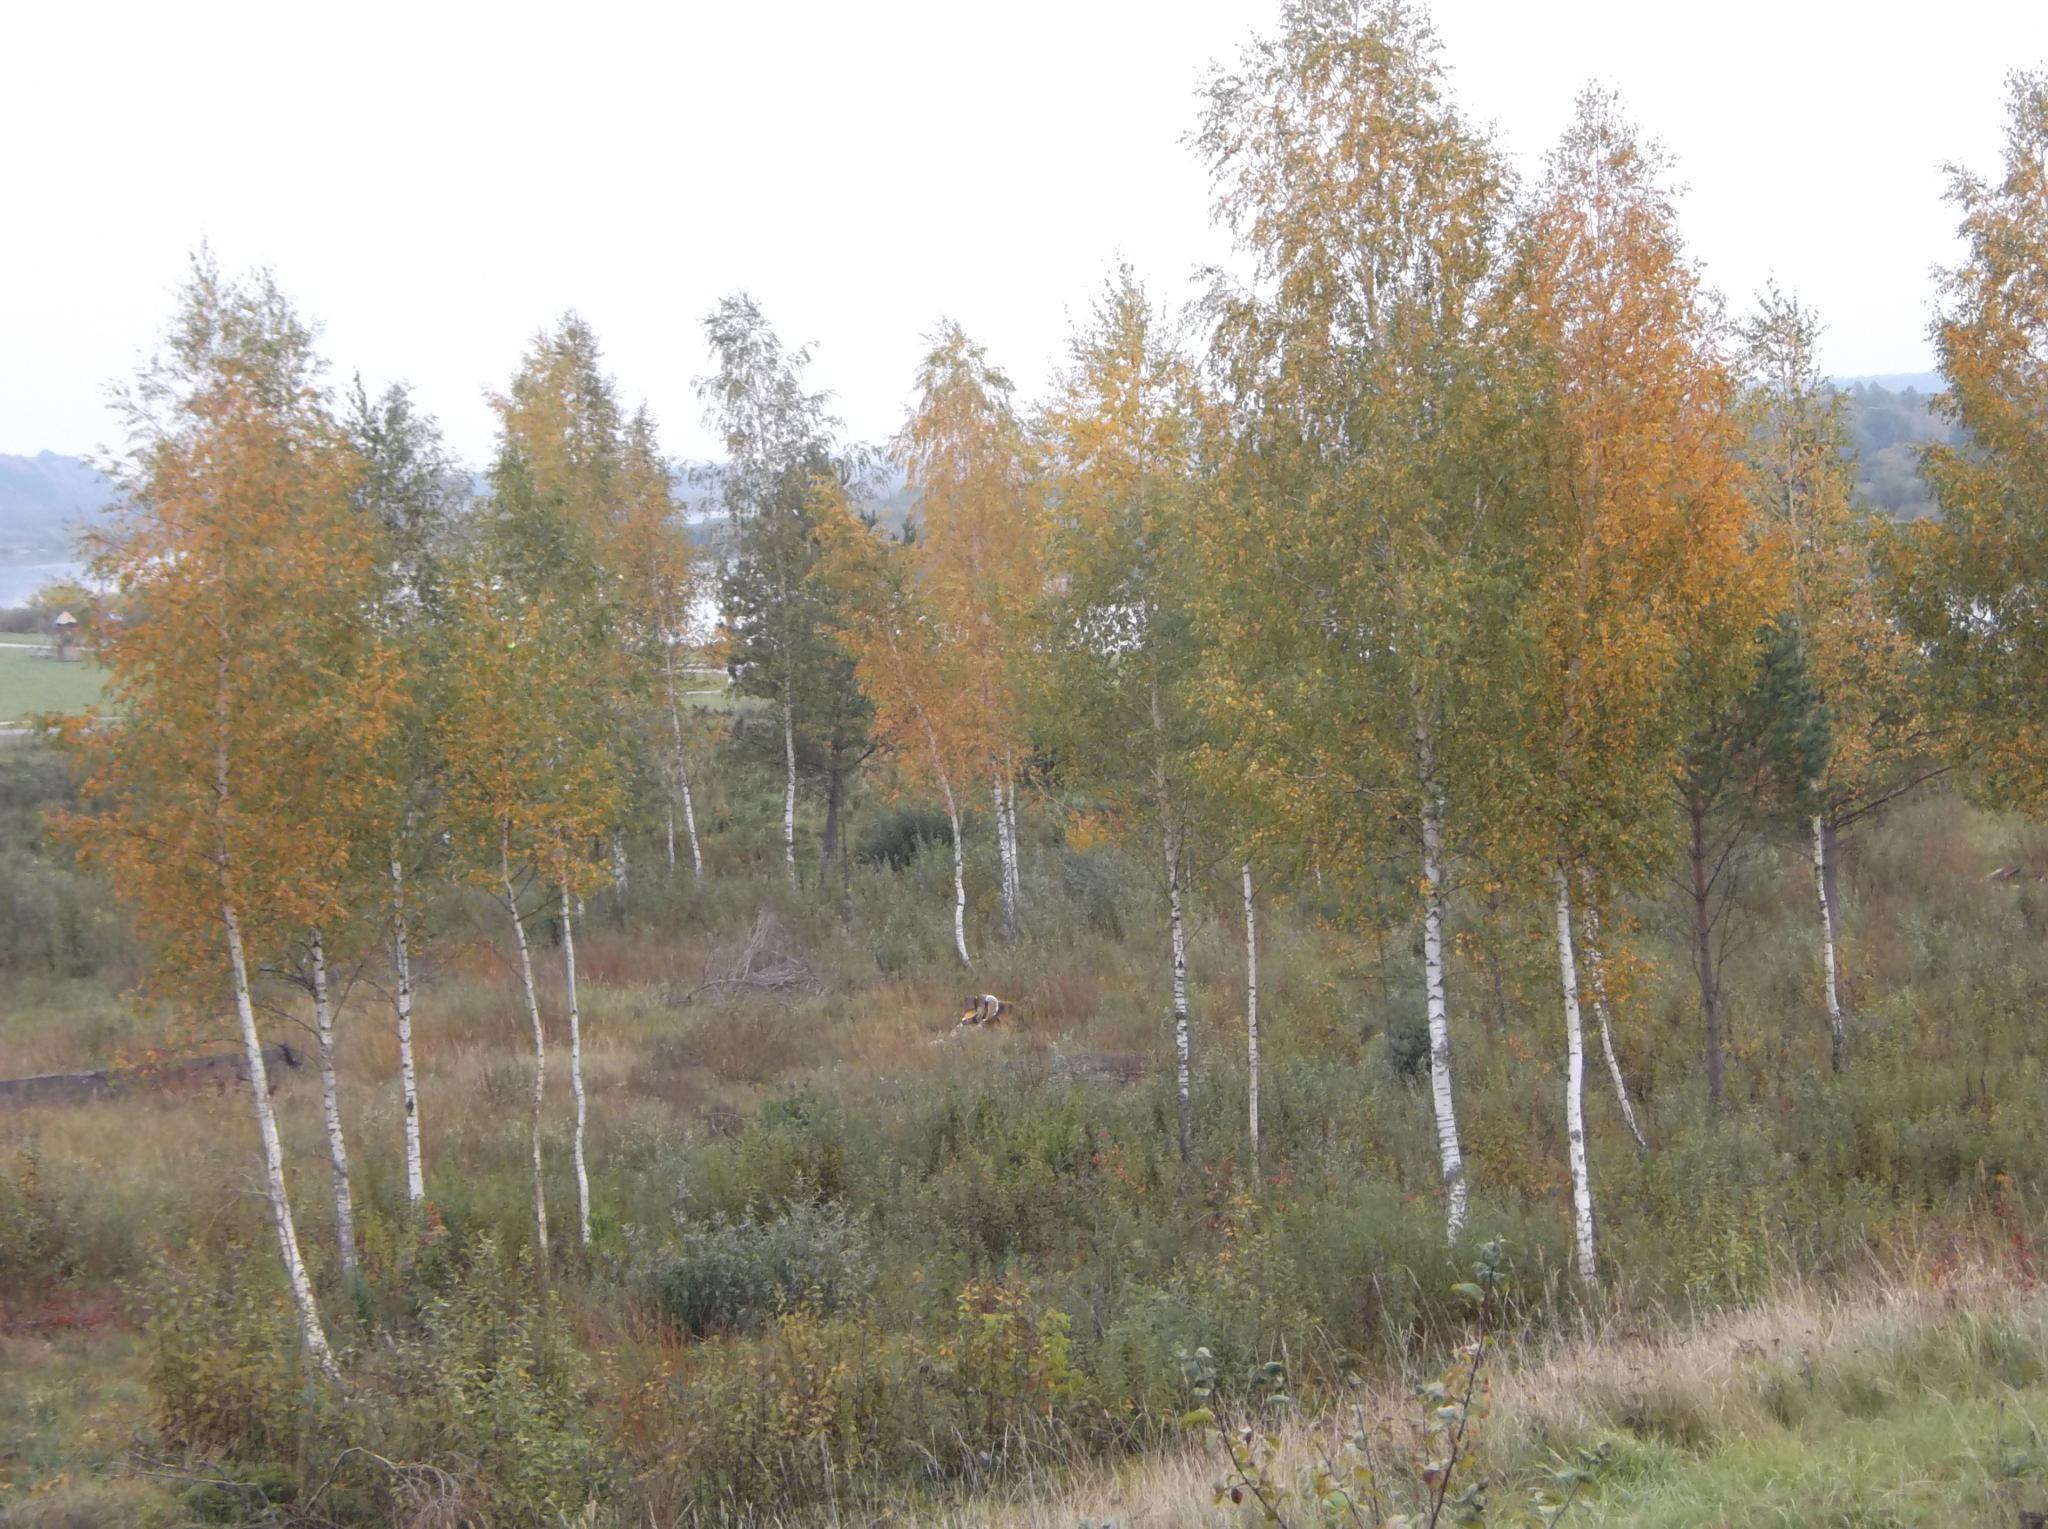 Autumn of the NEMUNAS. (River) by Zita Užkuraitienė